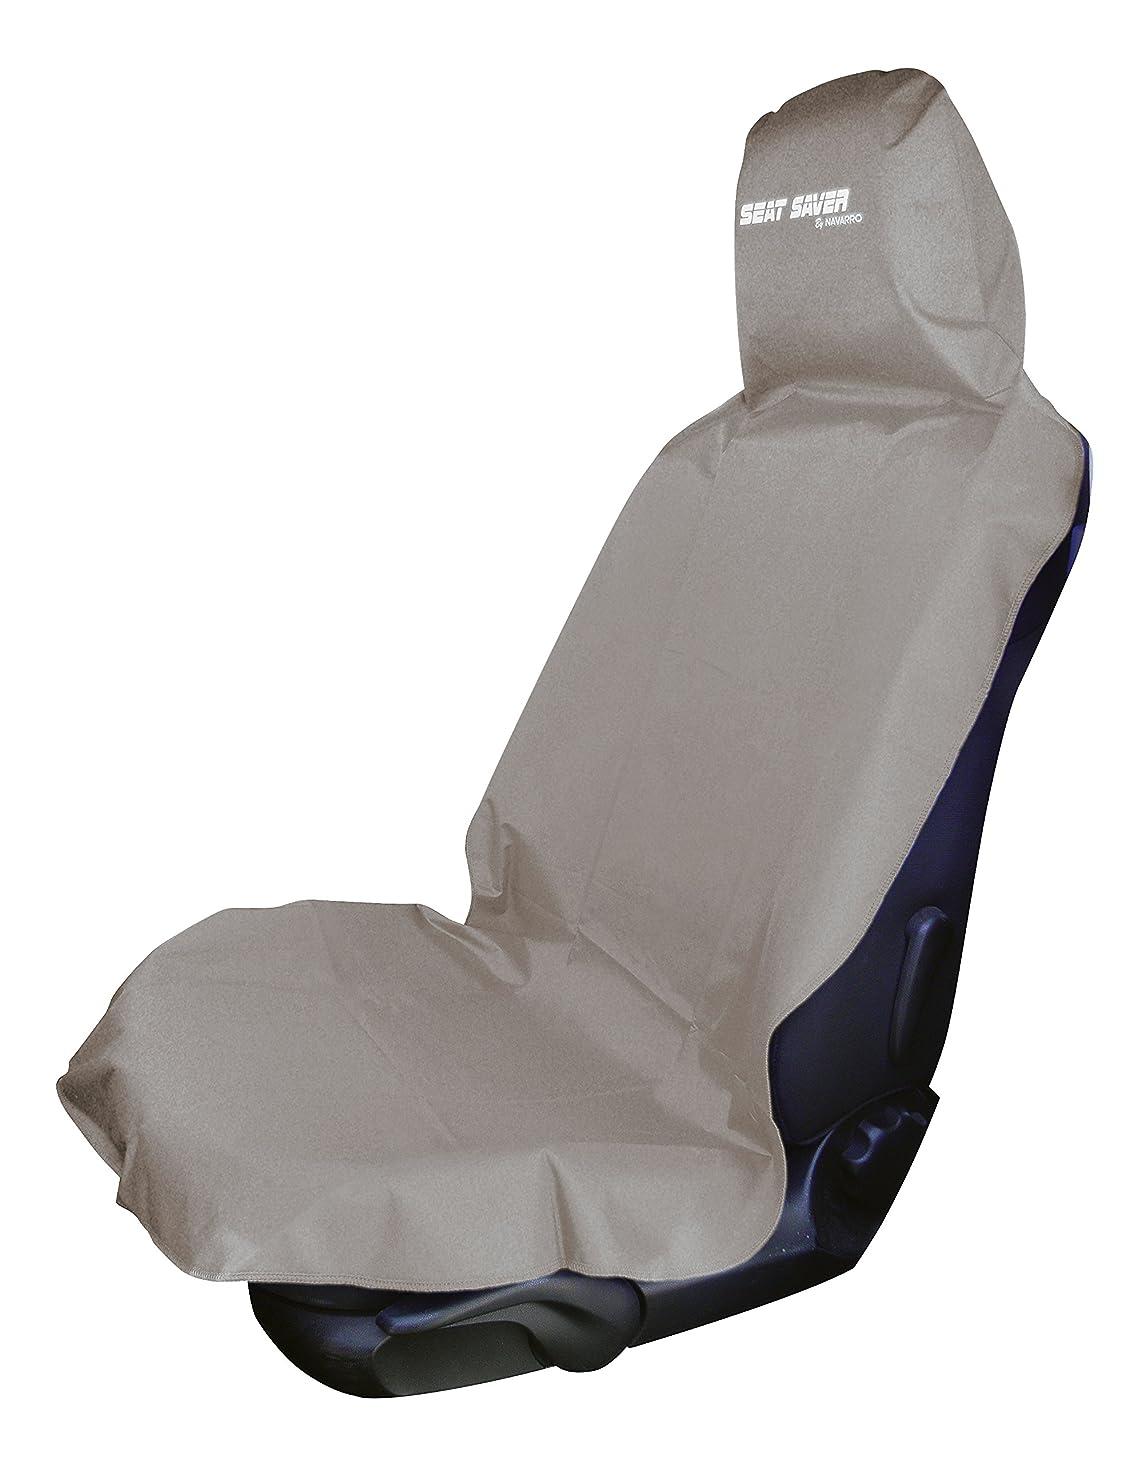 制裁短命閉じ込めるSeat Saver 車用防水シートカバー かぶせるタイプ 全車種対応 簡単脱着 ドライブシート